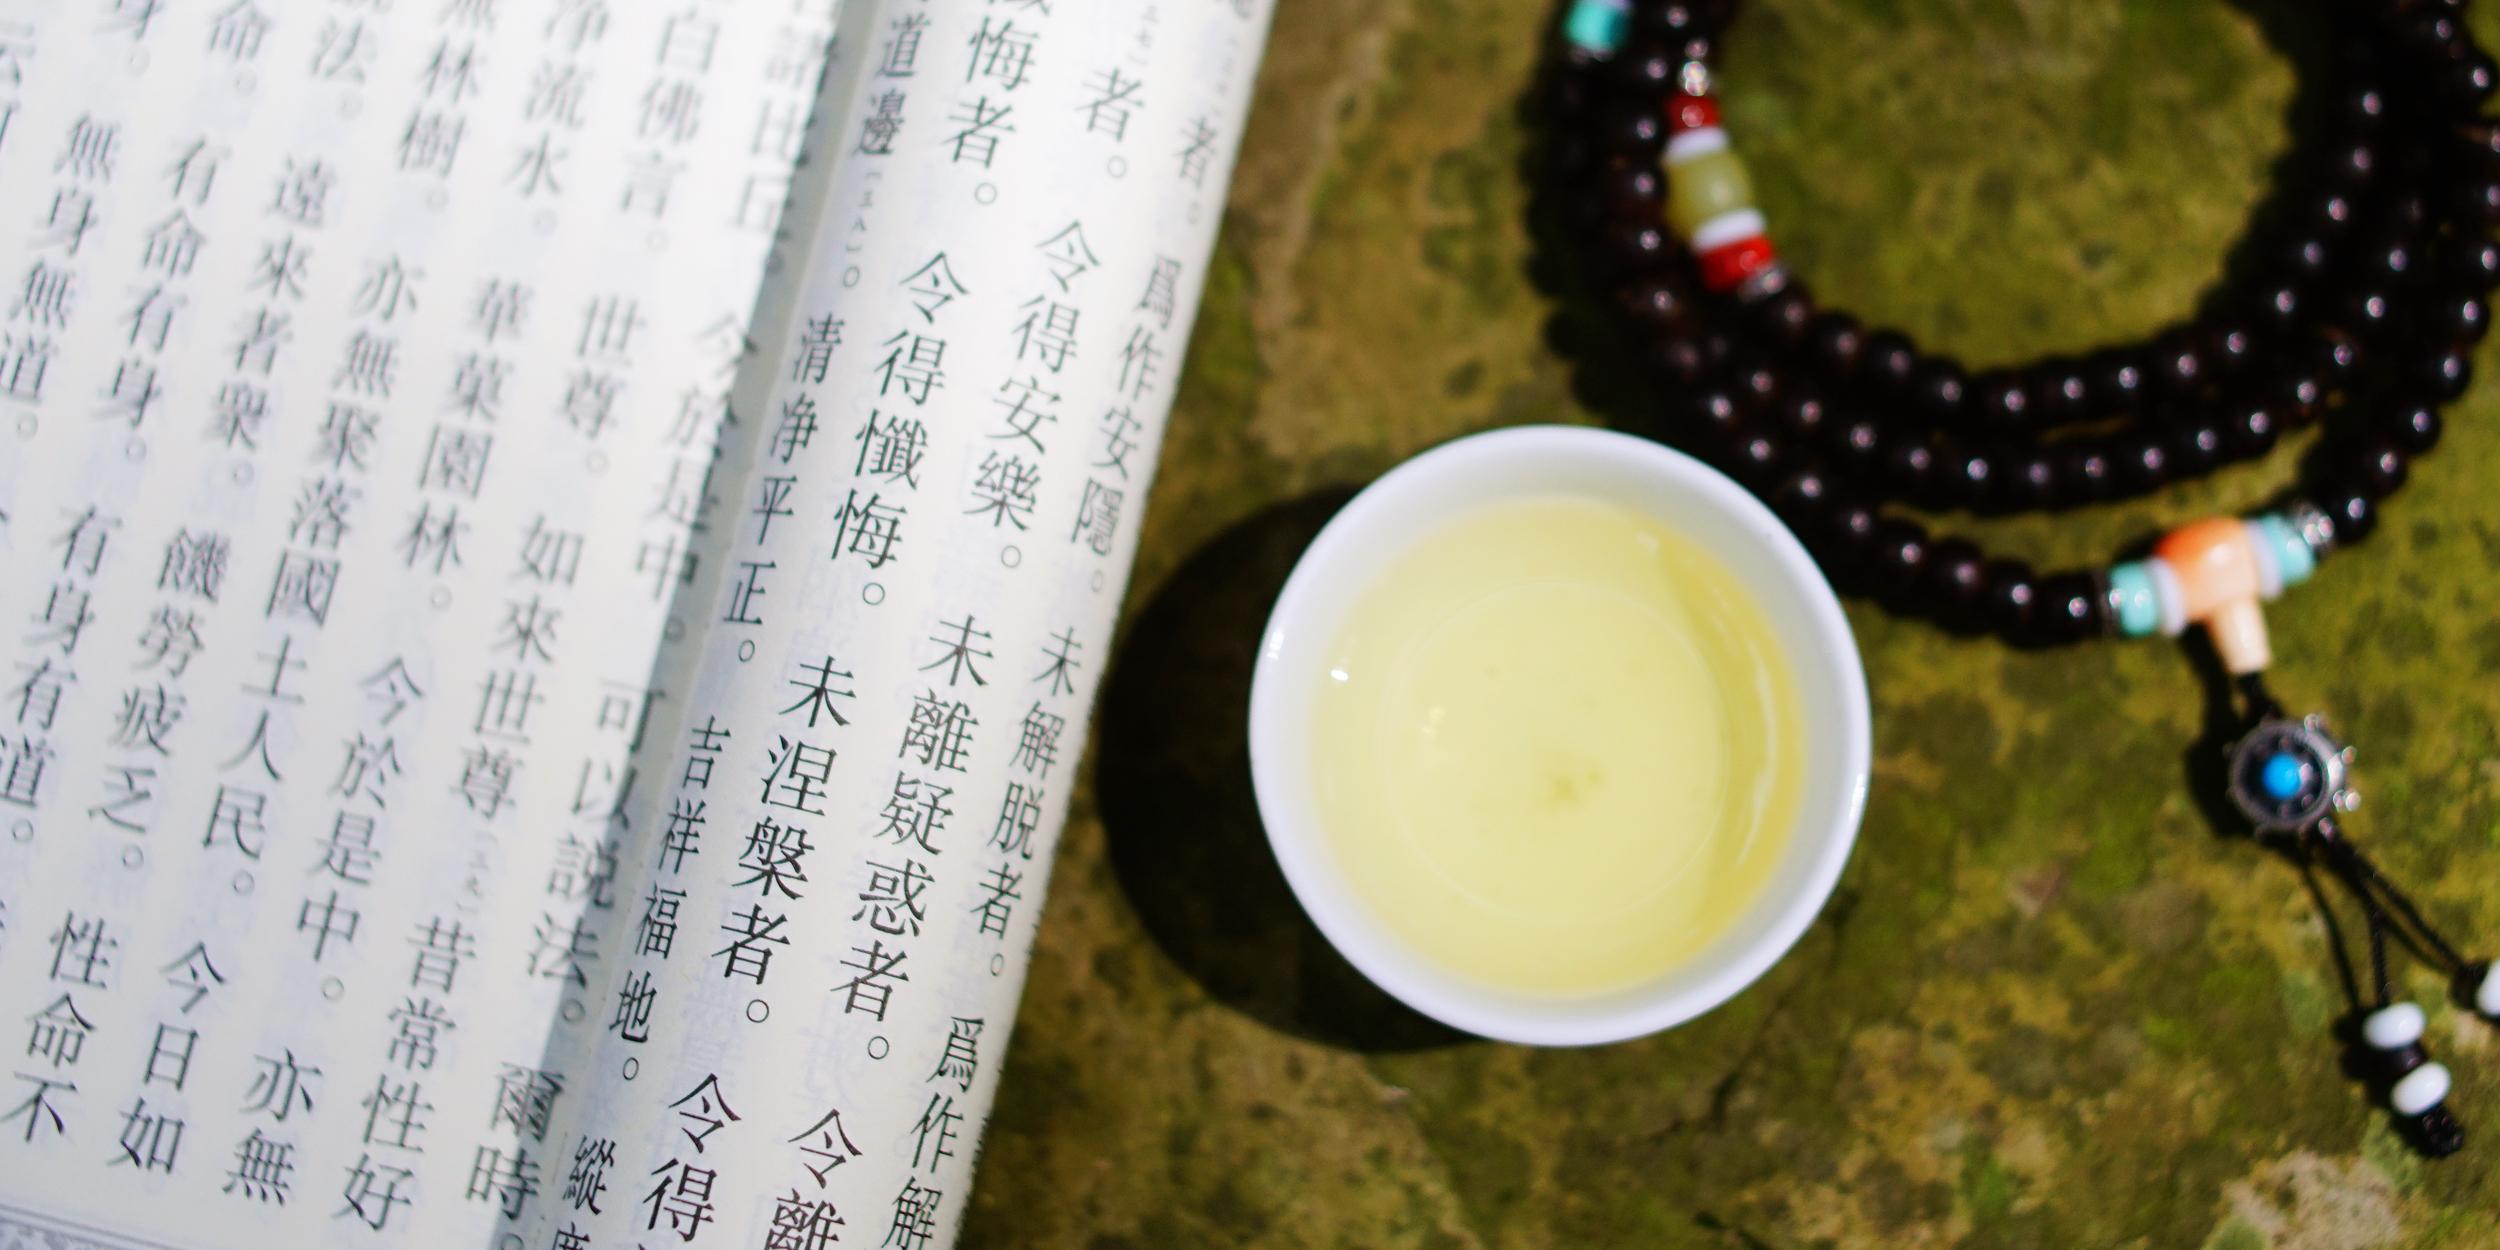 Tee ist wirklich himmlisch als natürliches Getränk. Sie unterscheiden sich von Ernte zu Ernte, je nach Klima, Bodenbeschaffenheit und selbst Art des Pflückens im Geschmack und Aussehen. So erleben Sie jedes Mal aufs Neue die Faszination des ältesten Getränks der Welt.